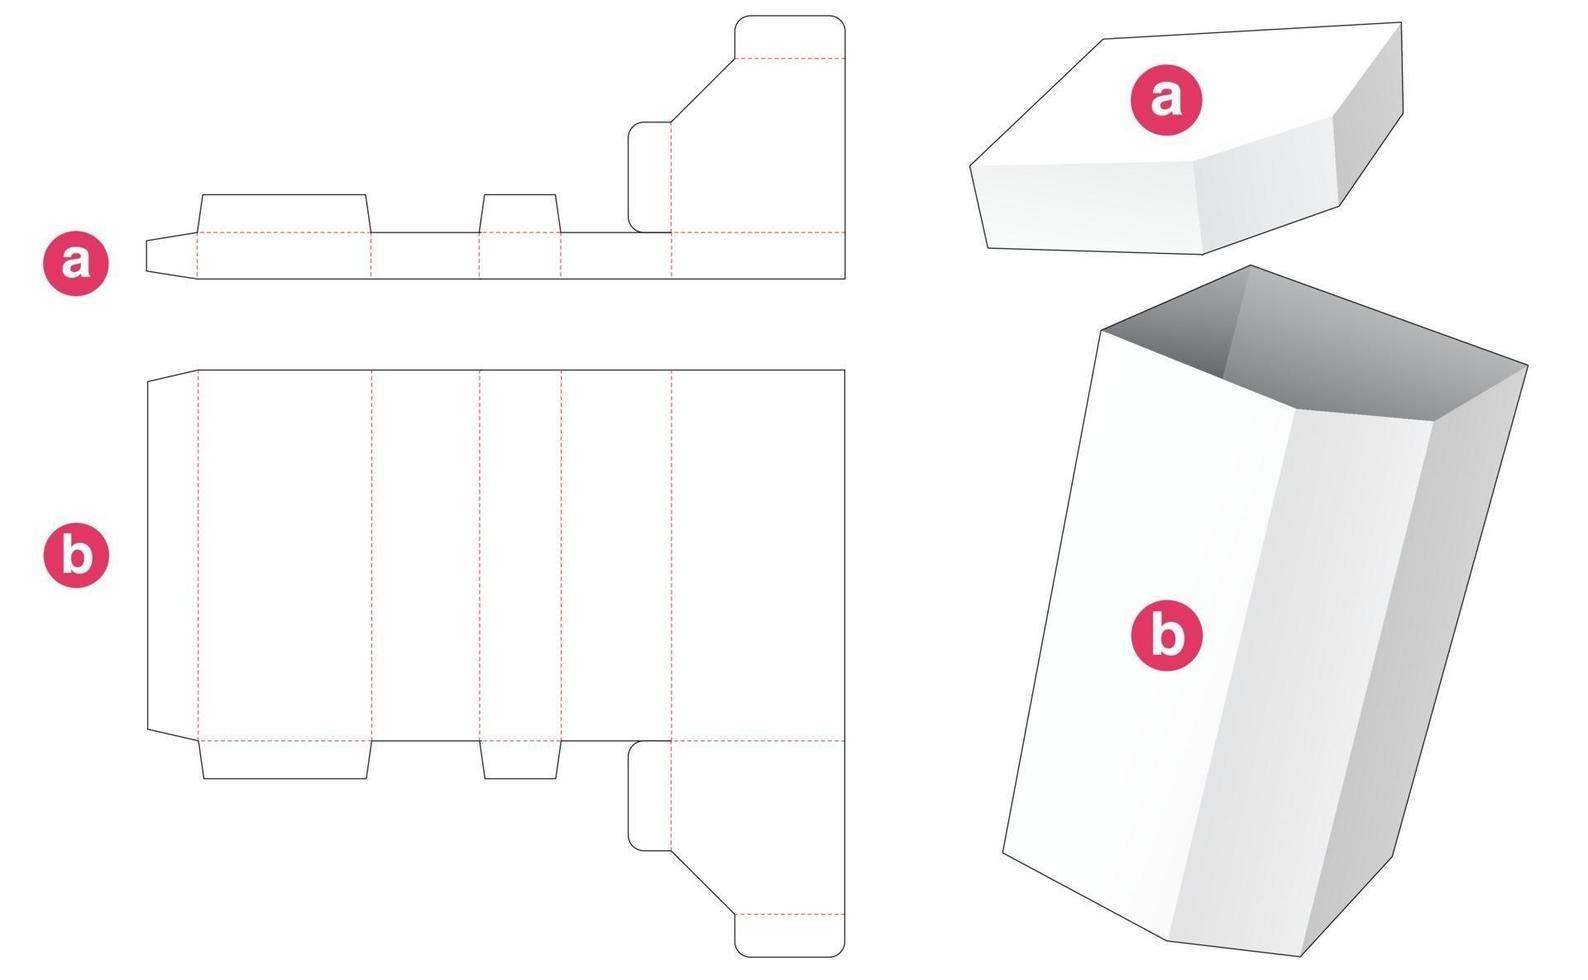 caixa alta chanfrada com molde de tampa cortada vetor